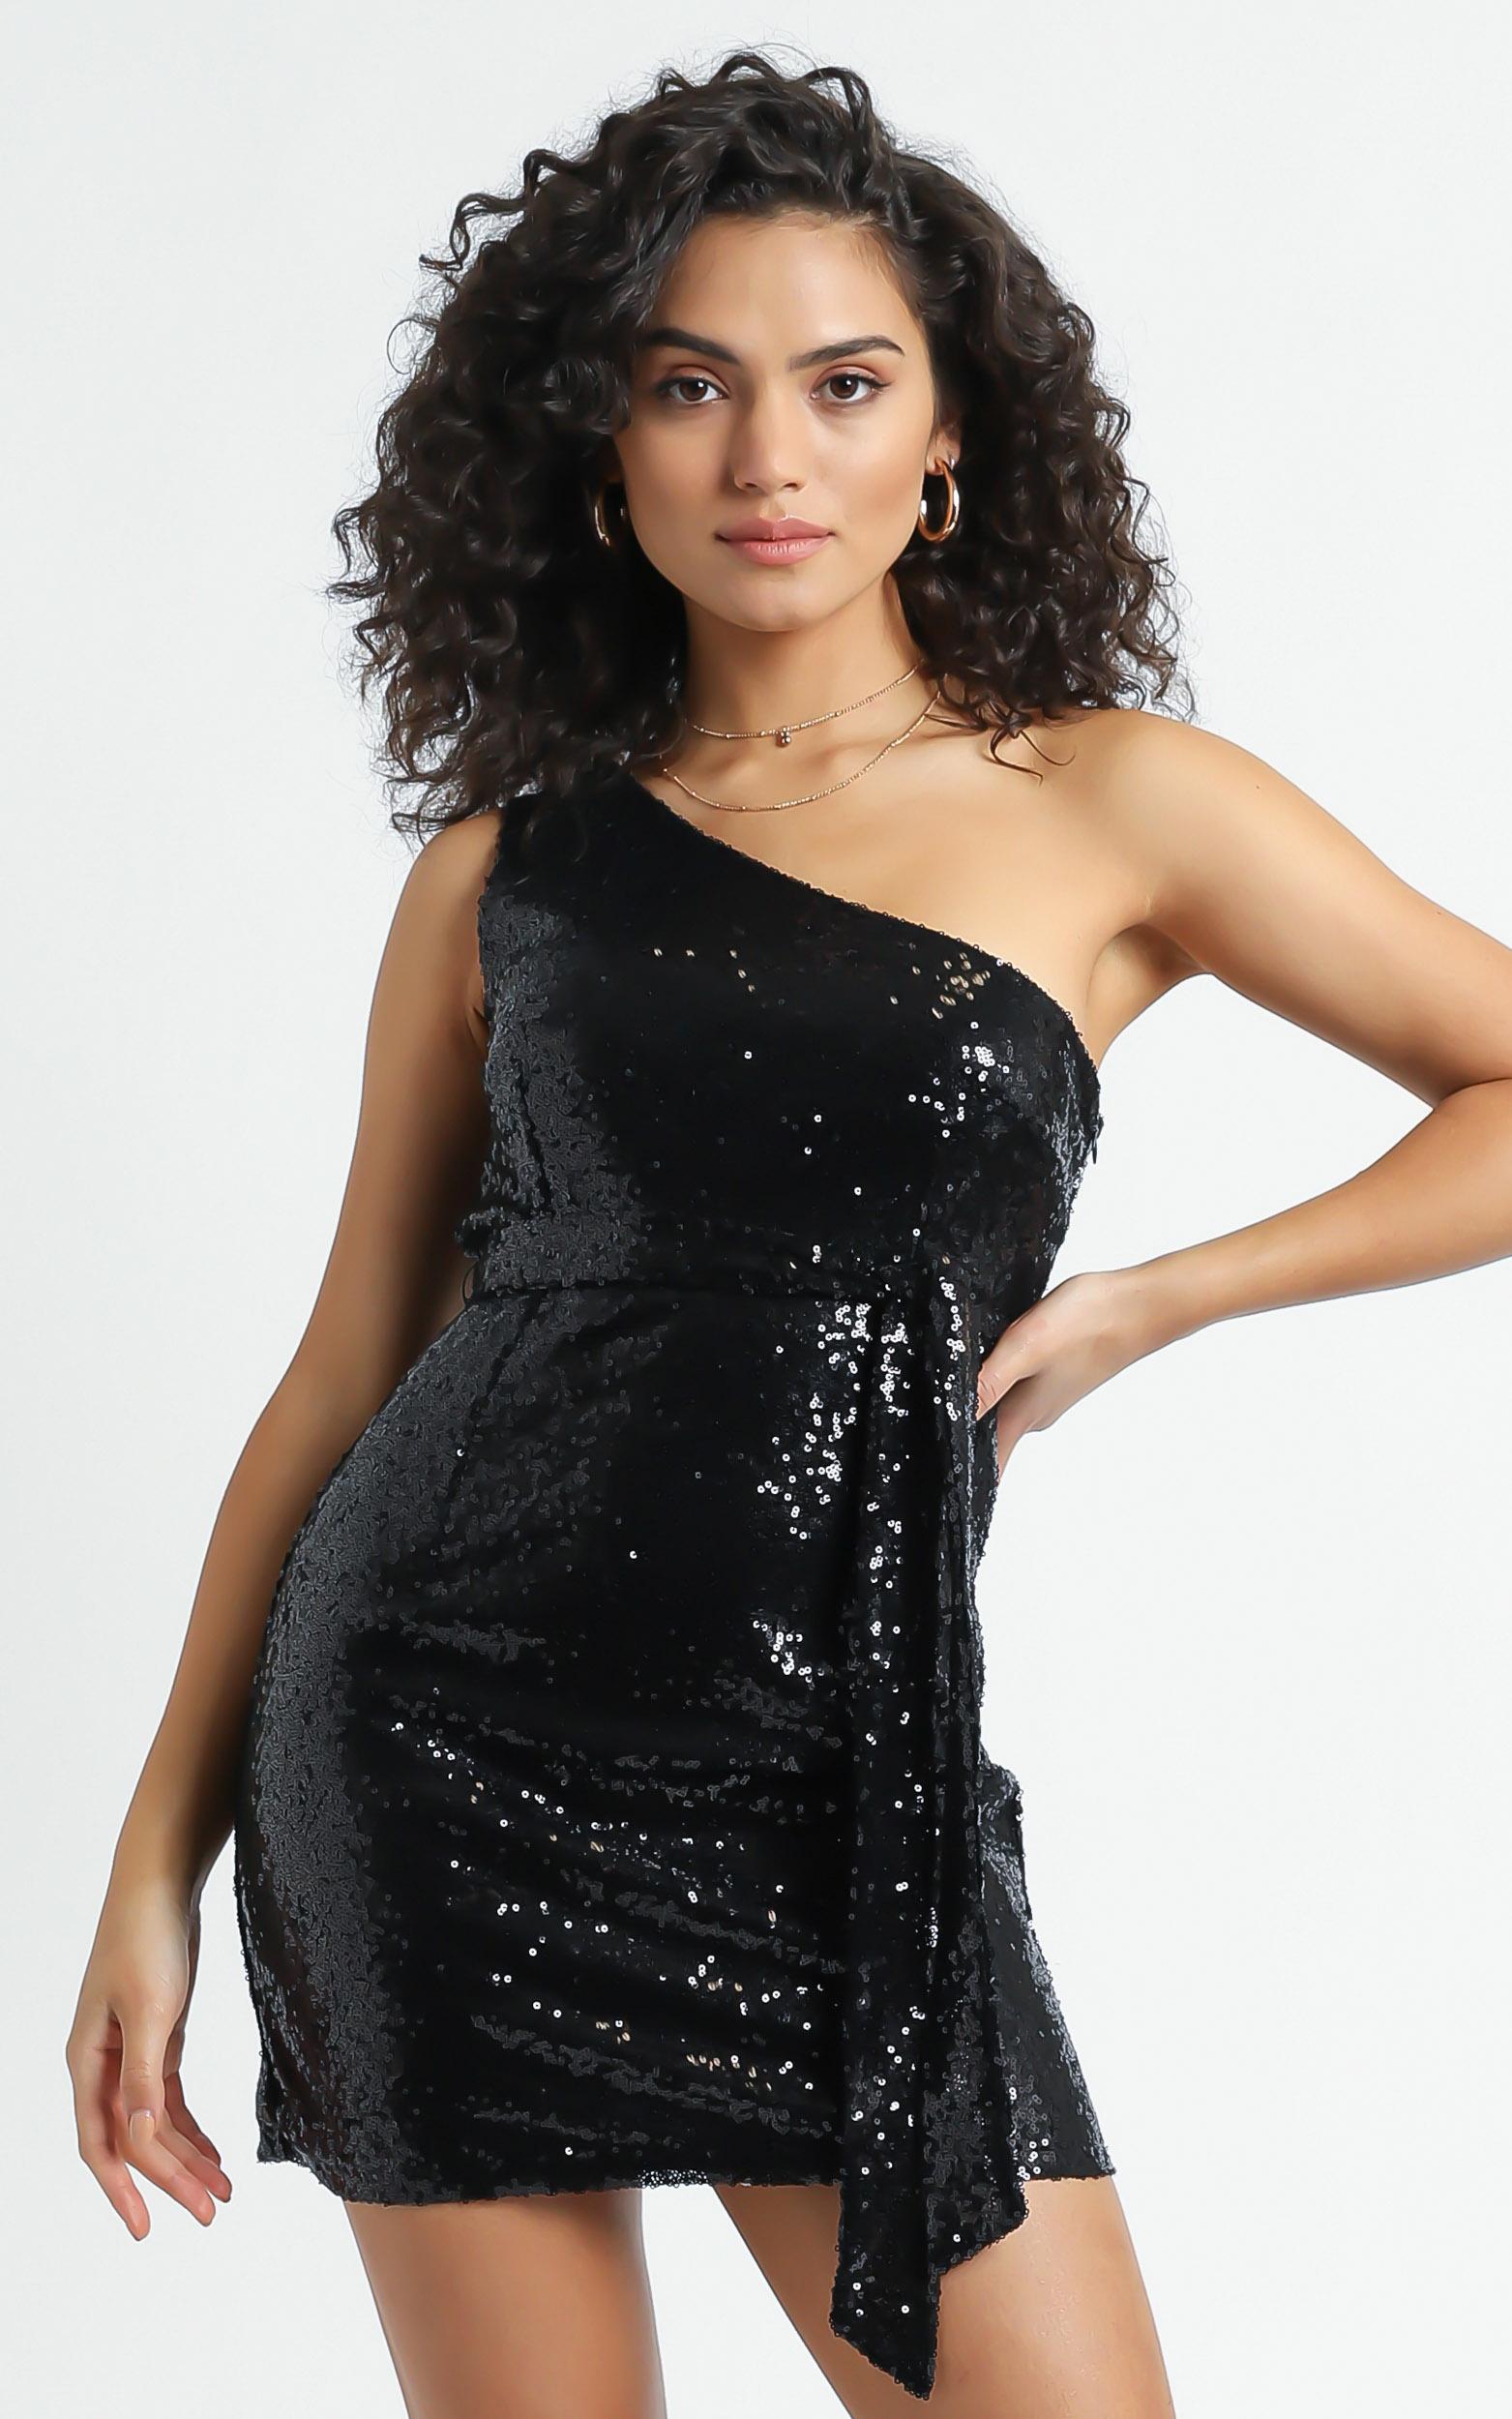 Safrae Dress in Black - 6 (XS), Black, hi-res image number null